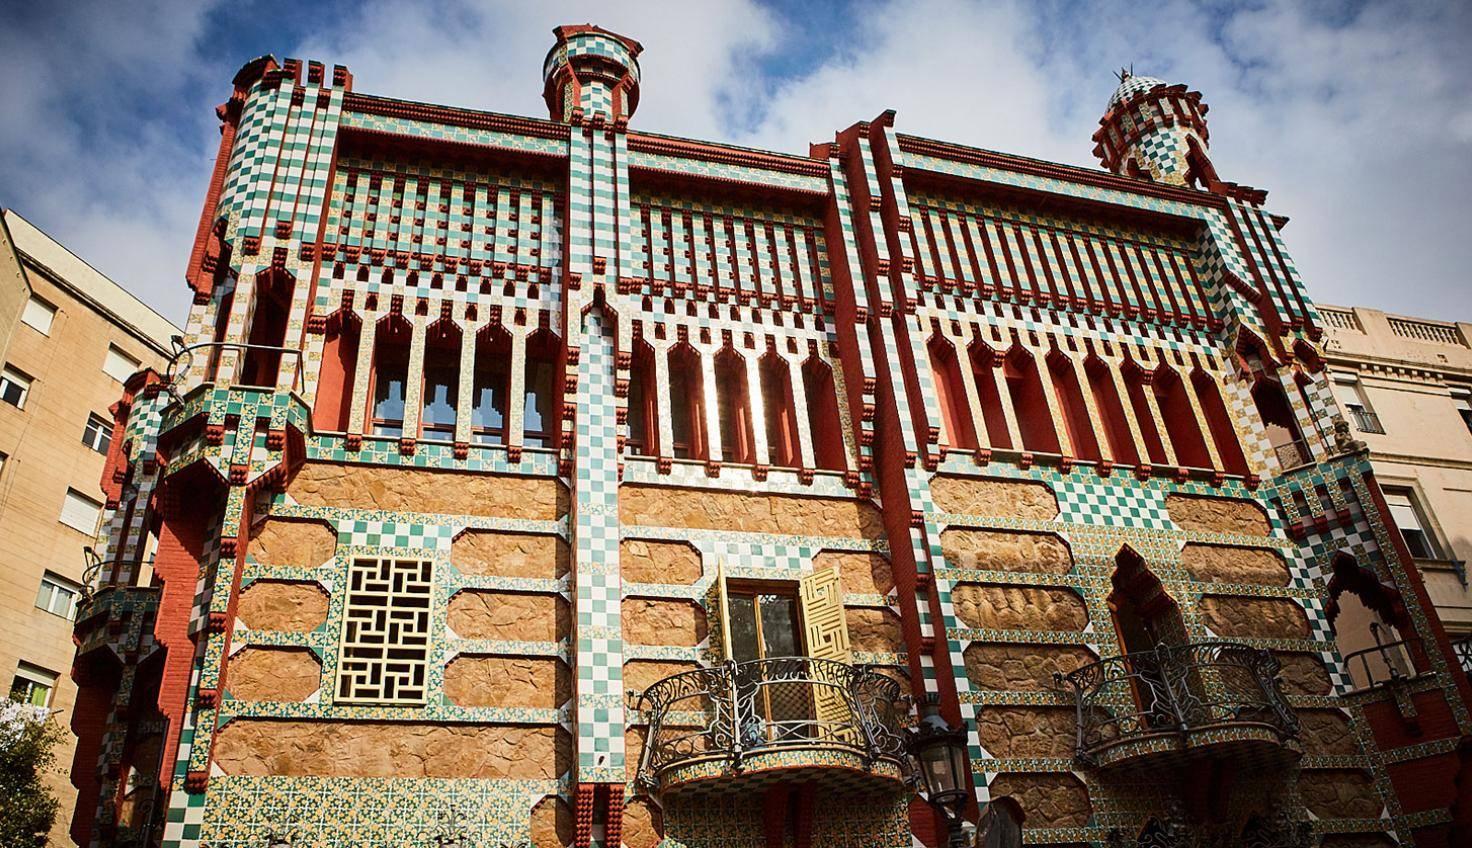 Дом висенс   / чертежи архитектурных памятников, сооружений и объектов - наглядная история архитектуры и стилей